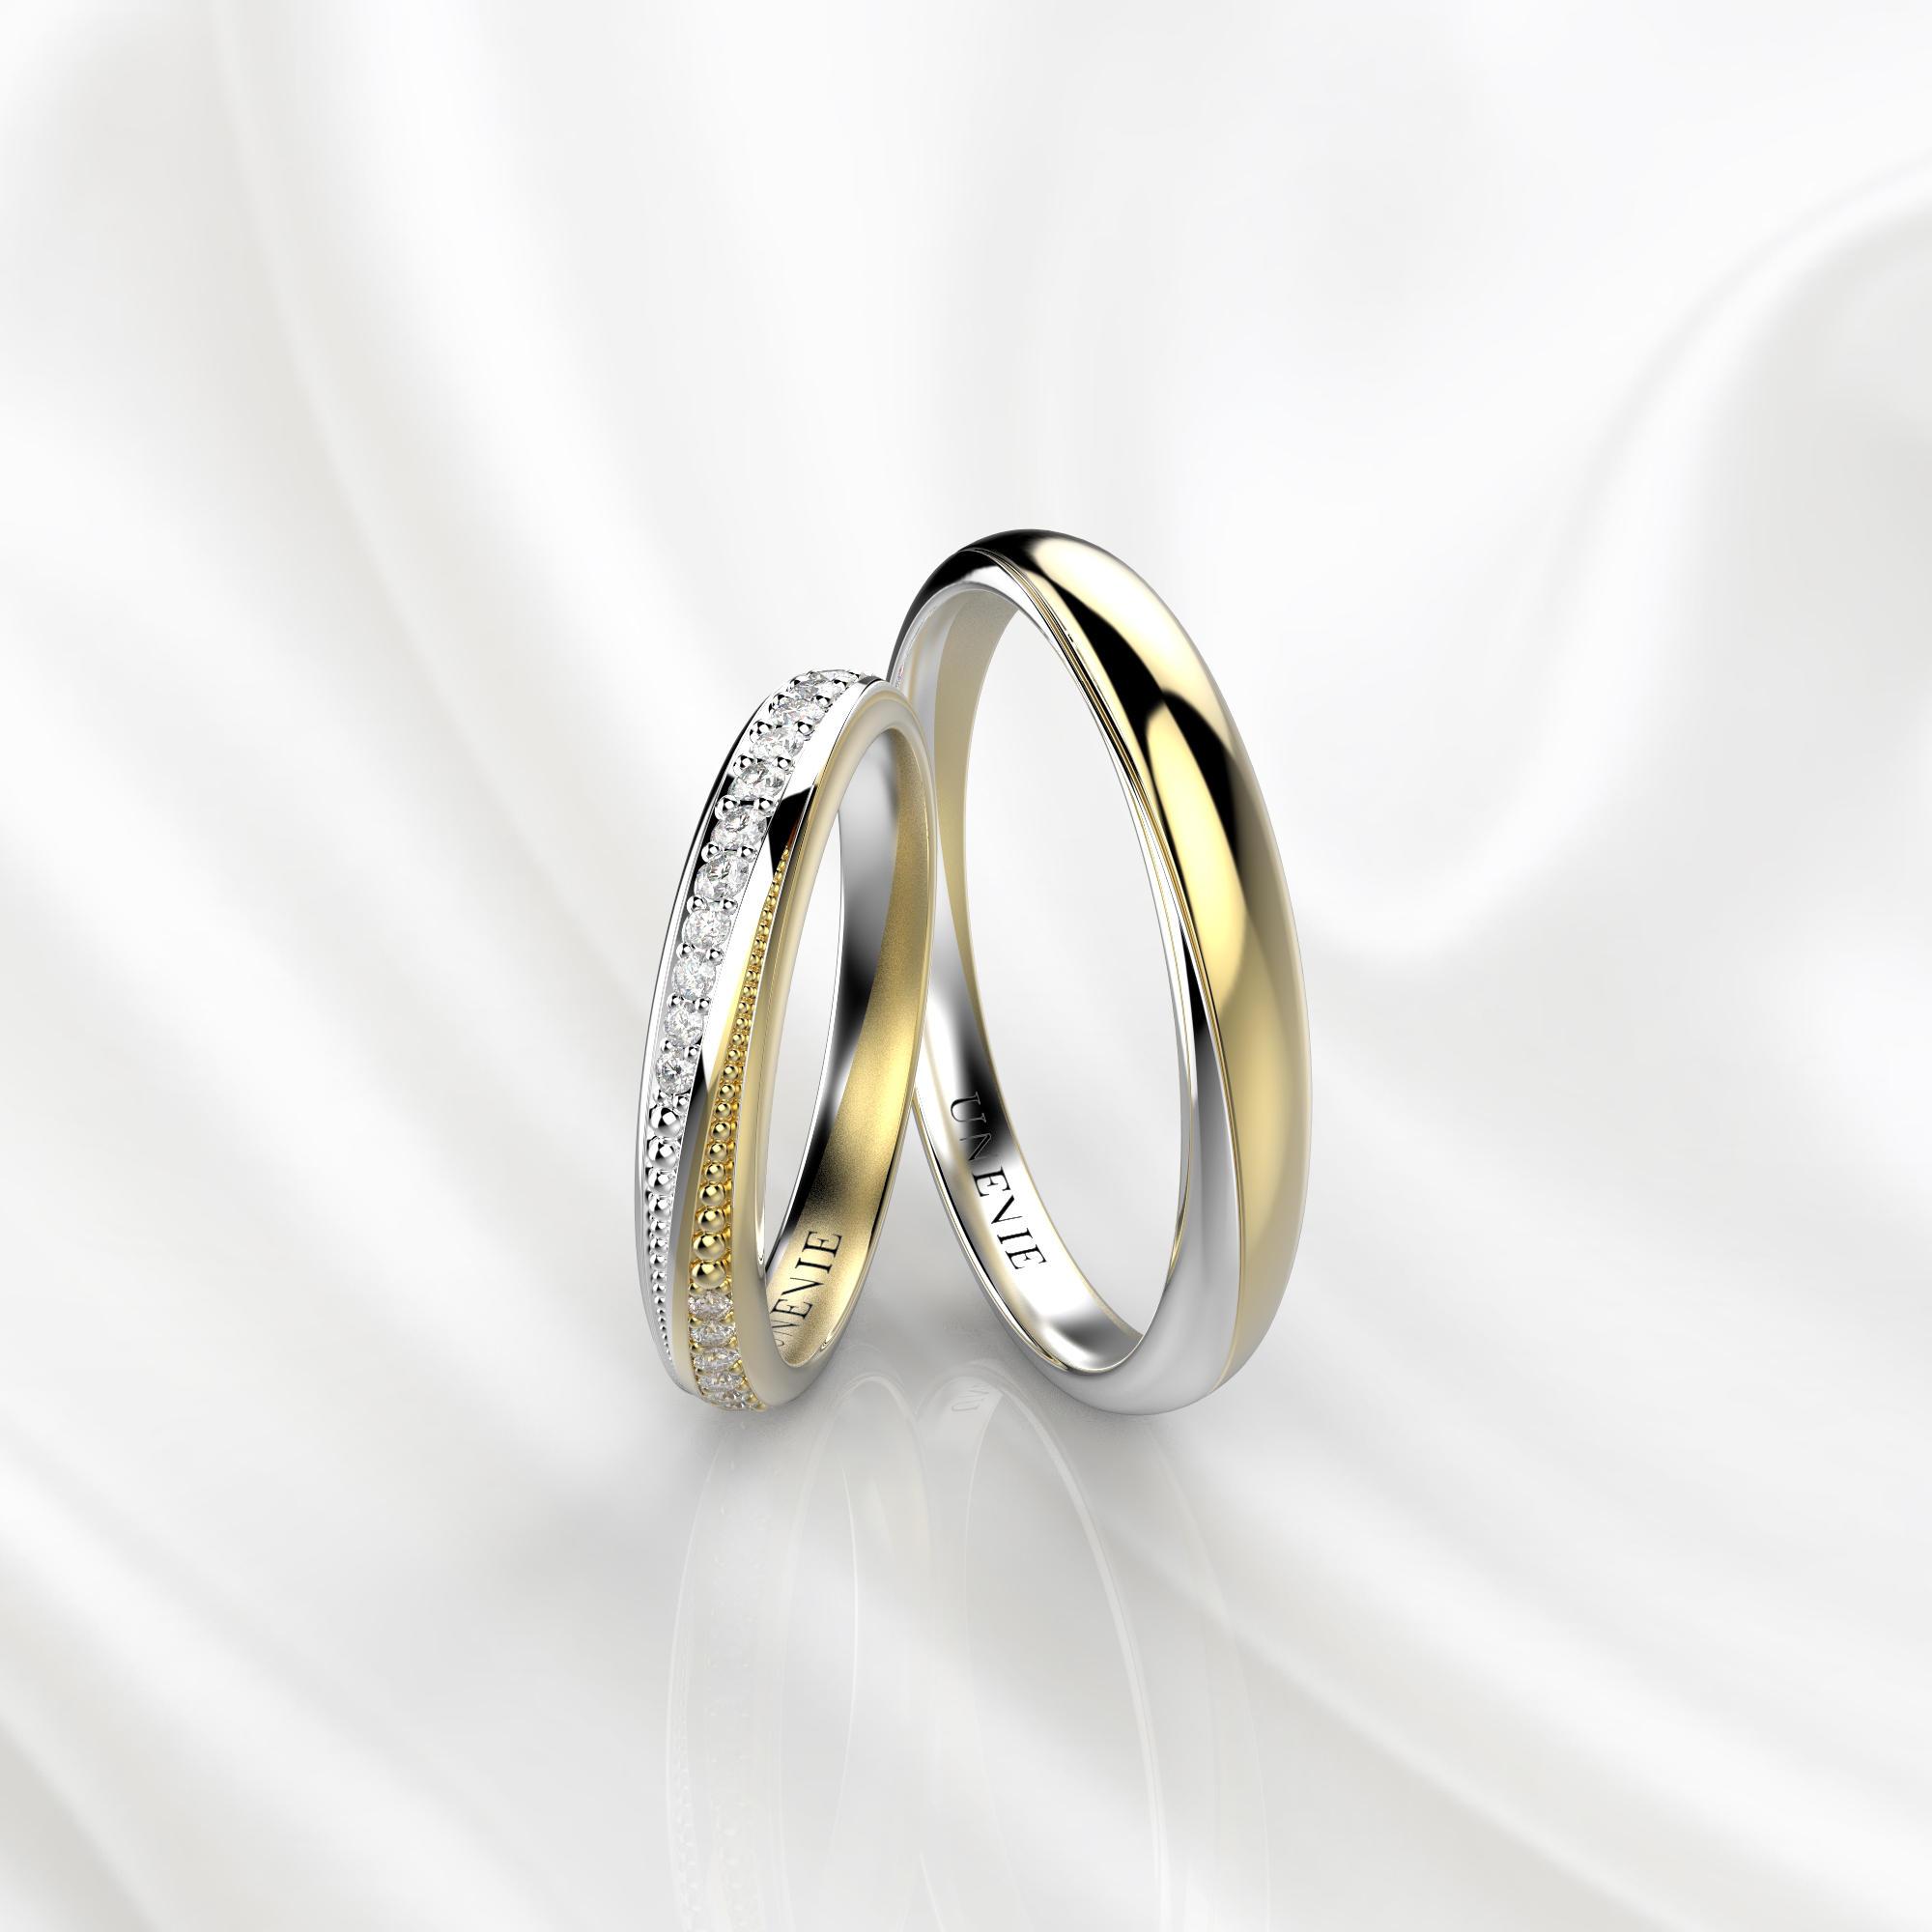 NV38 Обручальные кольца из бело-желтого золота с бриллиантами